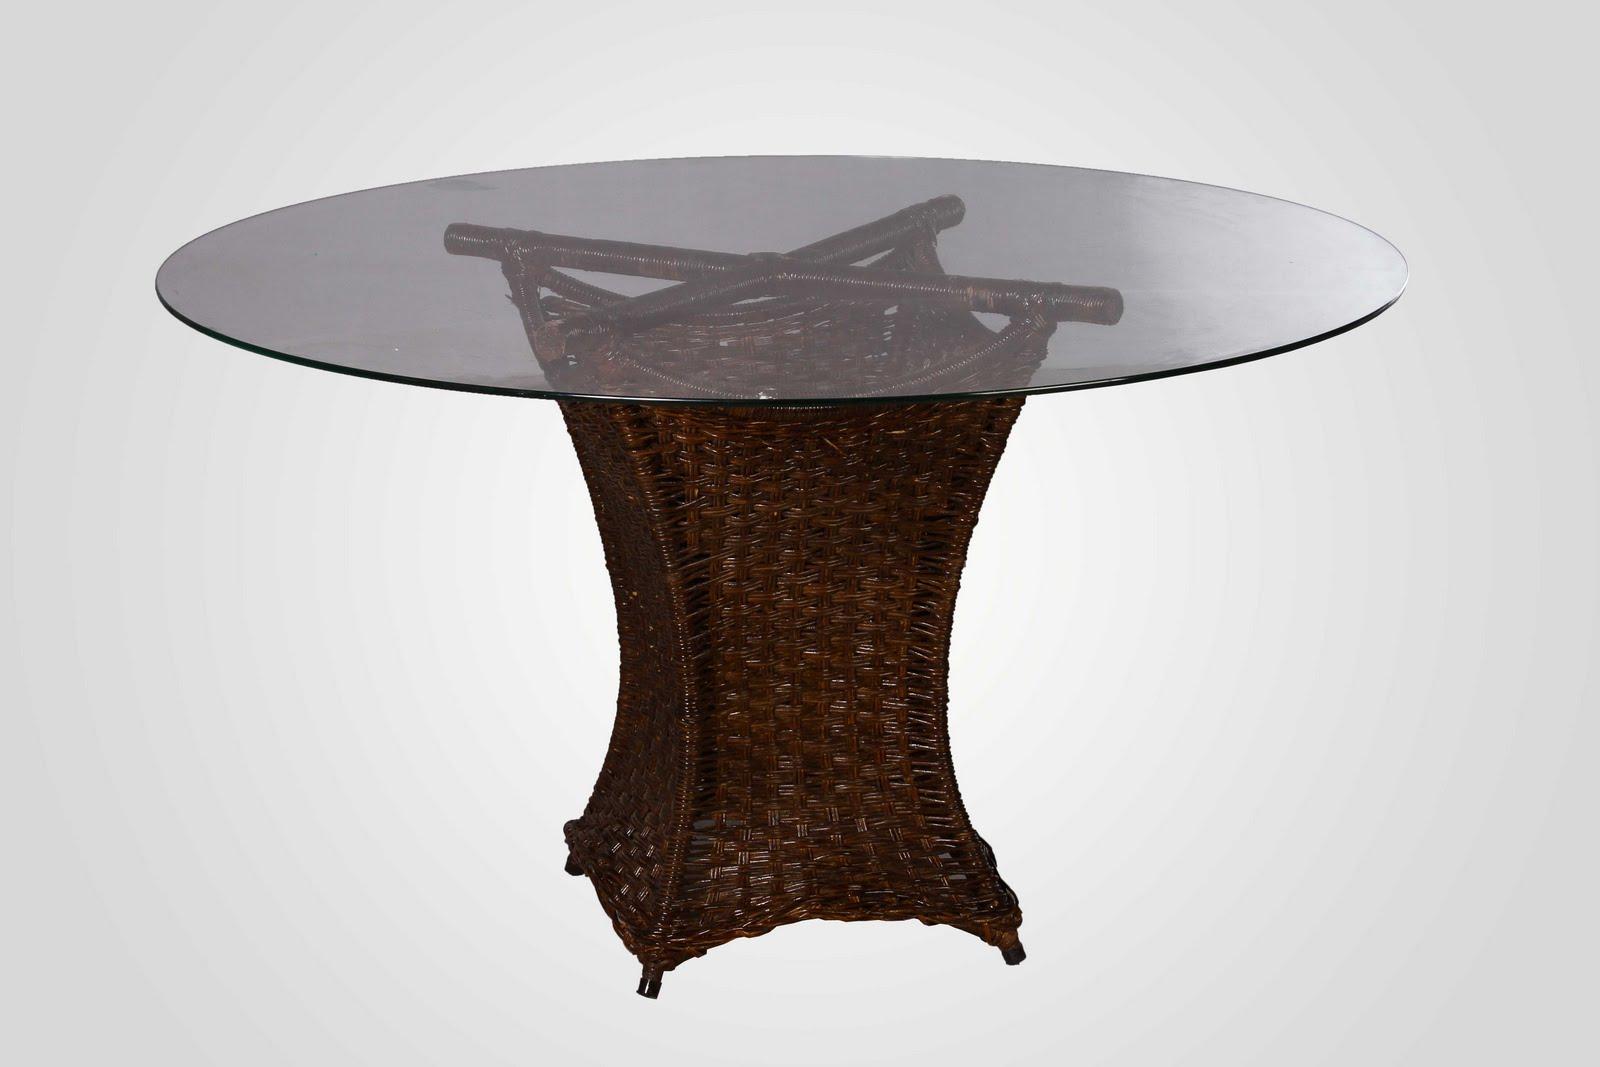 Locação de móveis e paisagismo: Mesas reunião madeira vime etc #2F1A0F 1600x1067